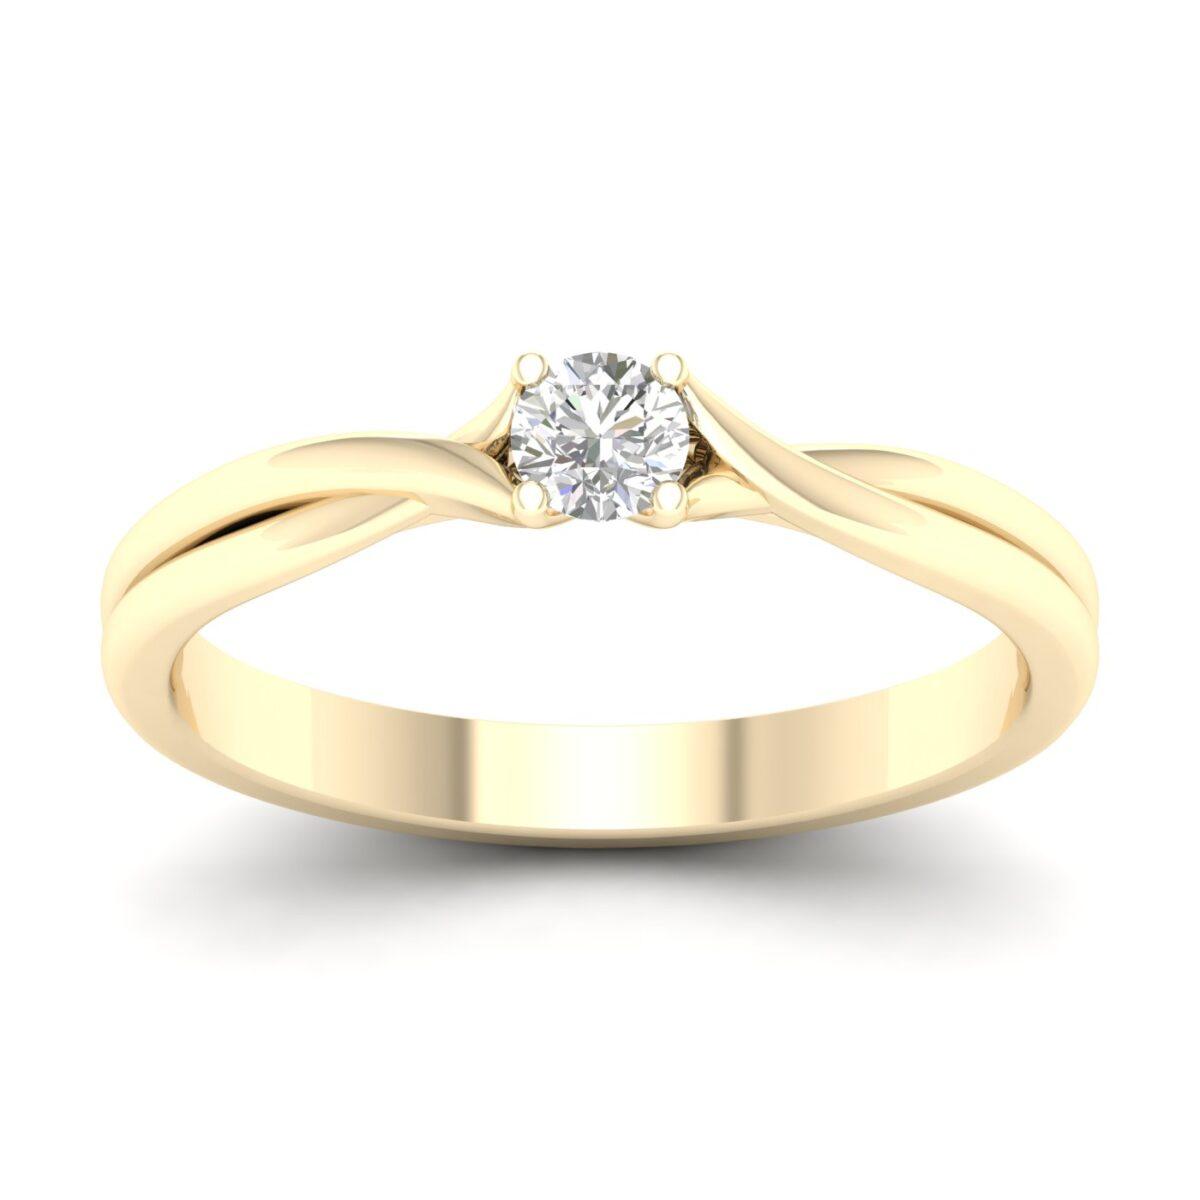 Kullast sõrmus teemantiga 0,15 ct. Kood: 29hb